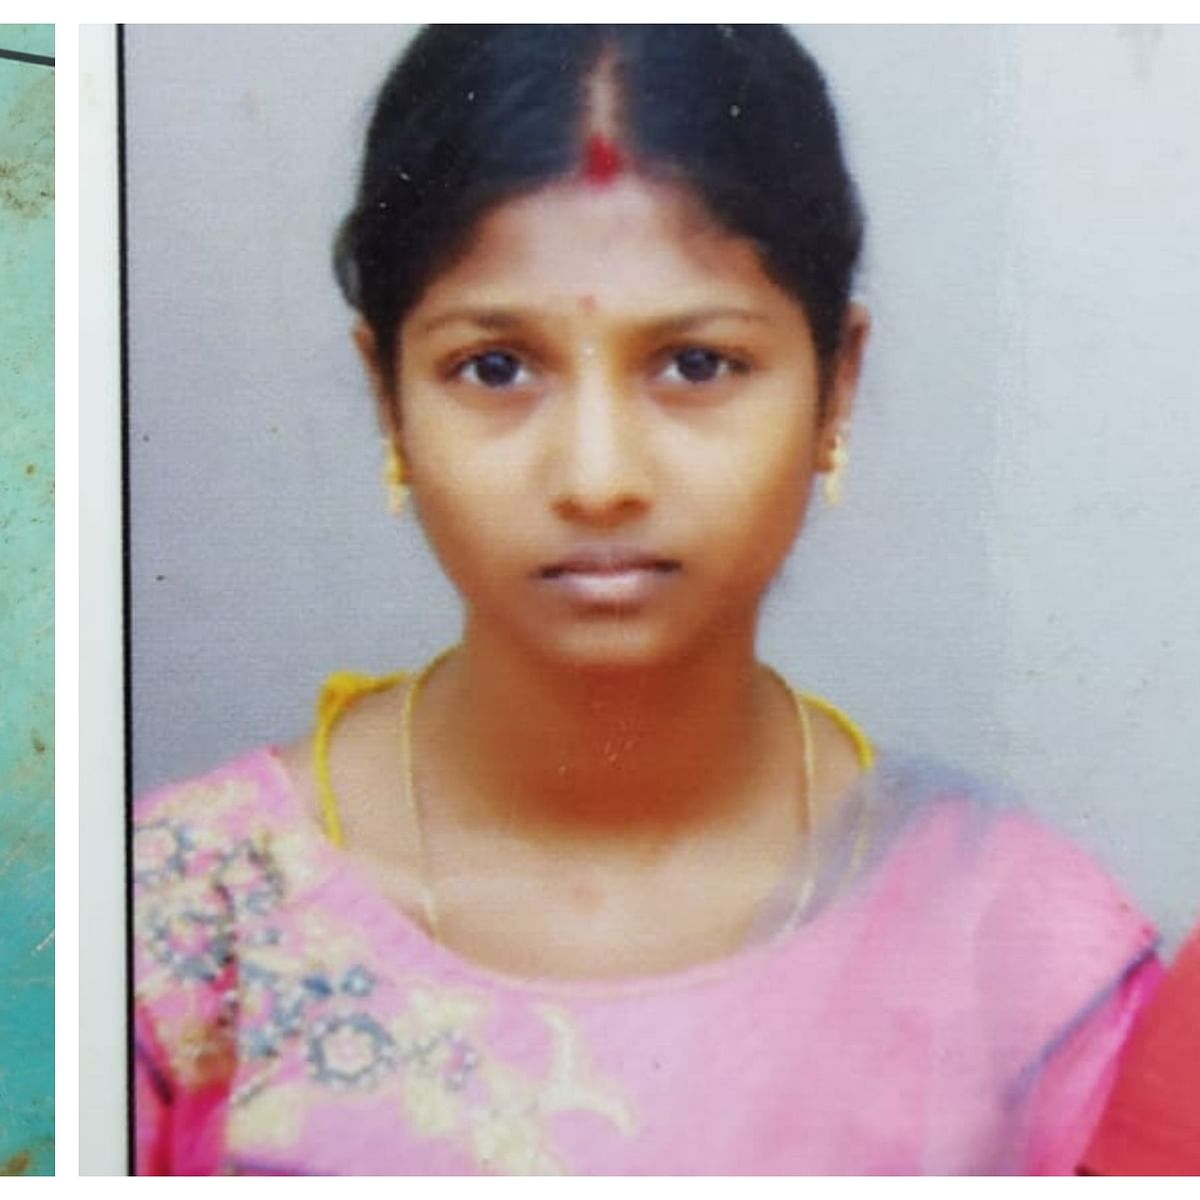 கொலைசெய்யப்பட்ட விமல்ராஜ் மற்றும் அனிதா